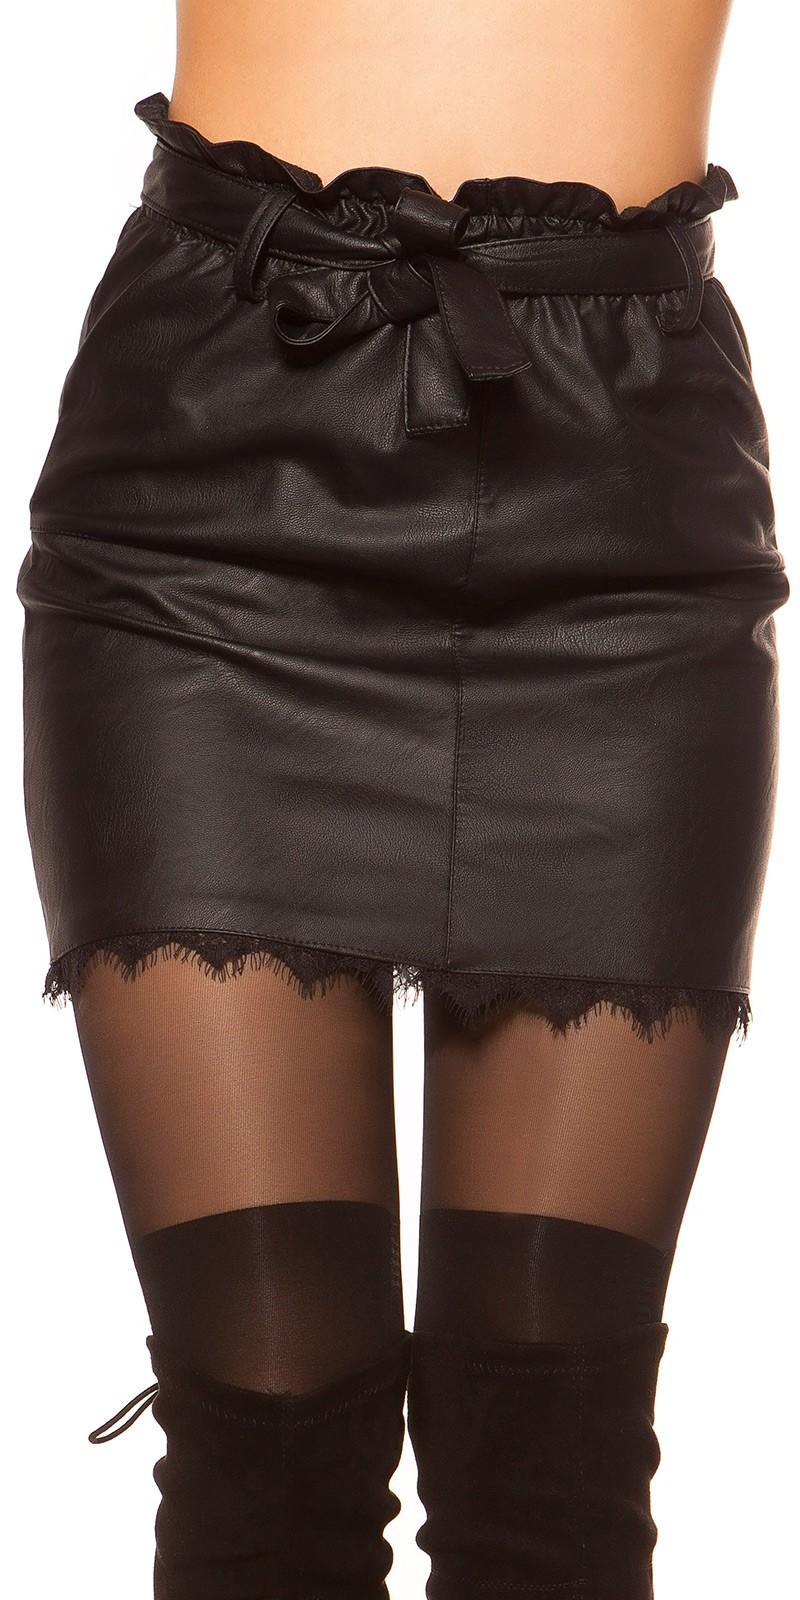 Bőrhatású csipkés női szoknya övvel - Feketes (S-L) empty 4f2bd33ff3